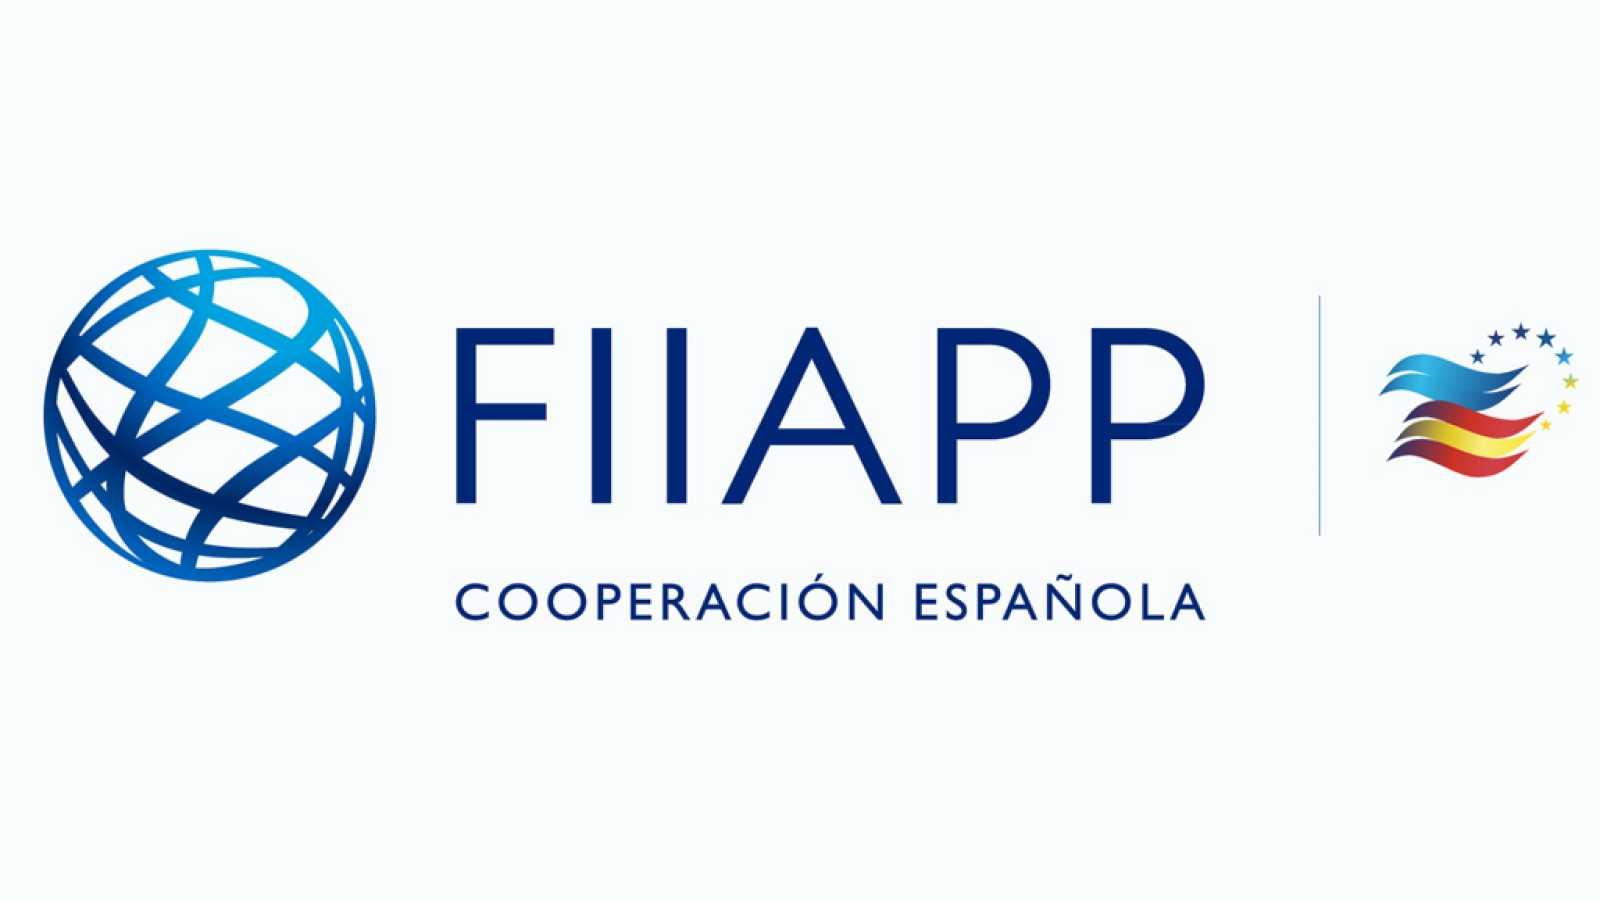 Cooperación pública en el mundo (FIIAPP) - La ventanilla única en Cuba - 0704/21 - Escuchar ahora